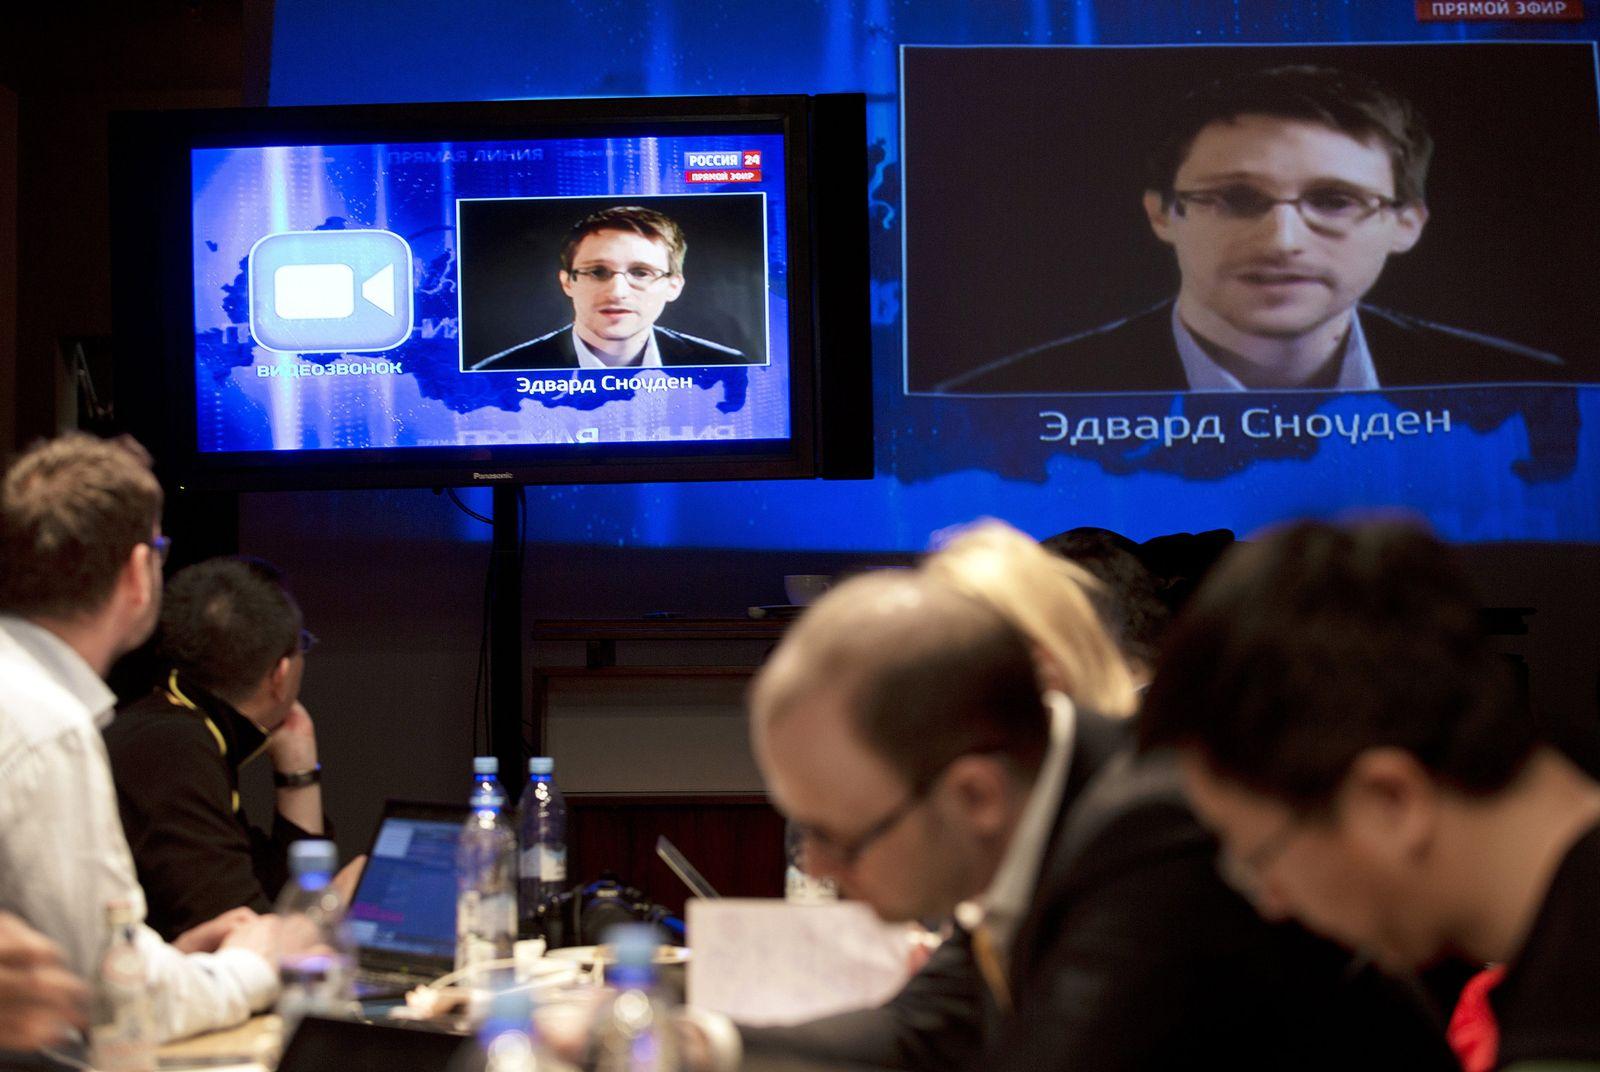 Putin/ TV/ Snowden